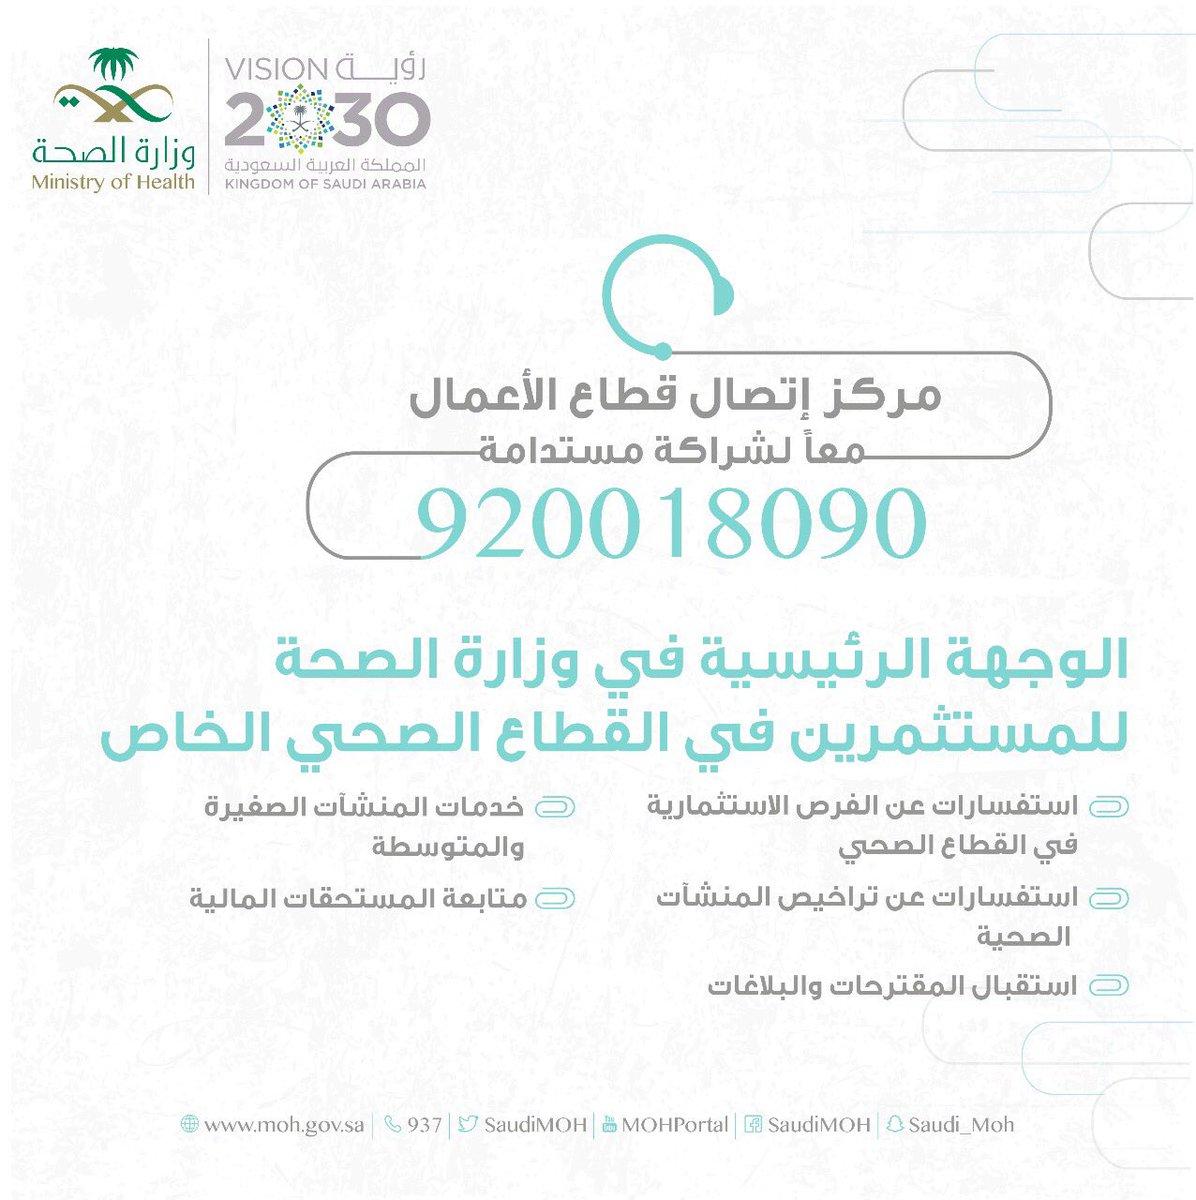 #الصحة تعلن عن إطلاق مركز اتصال قطاع الأ...